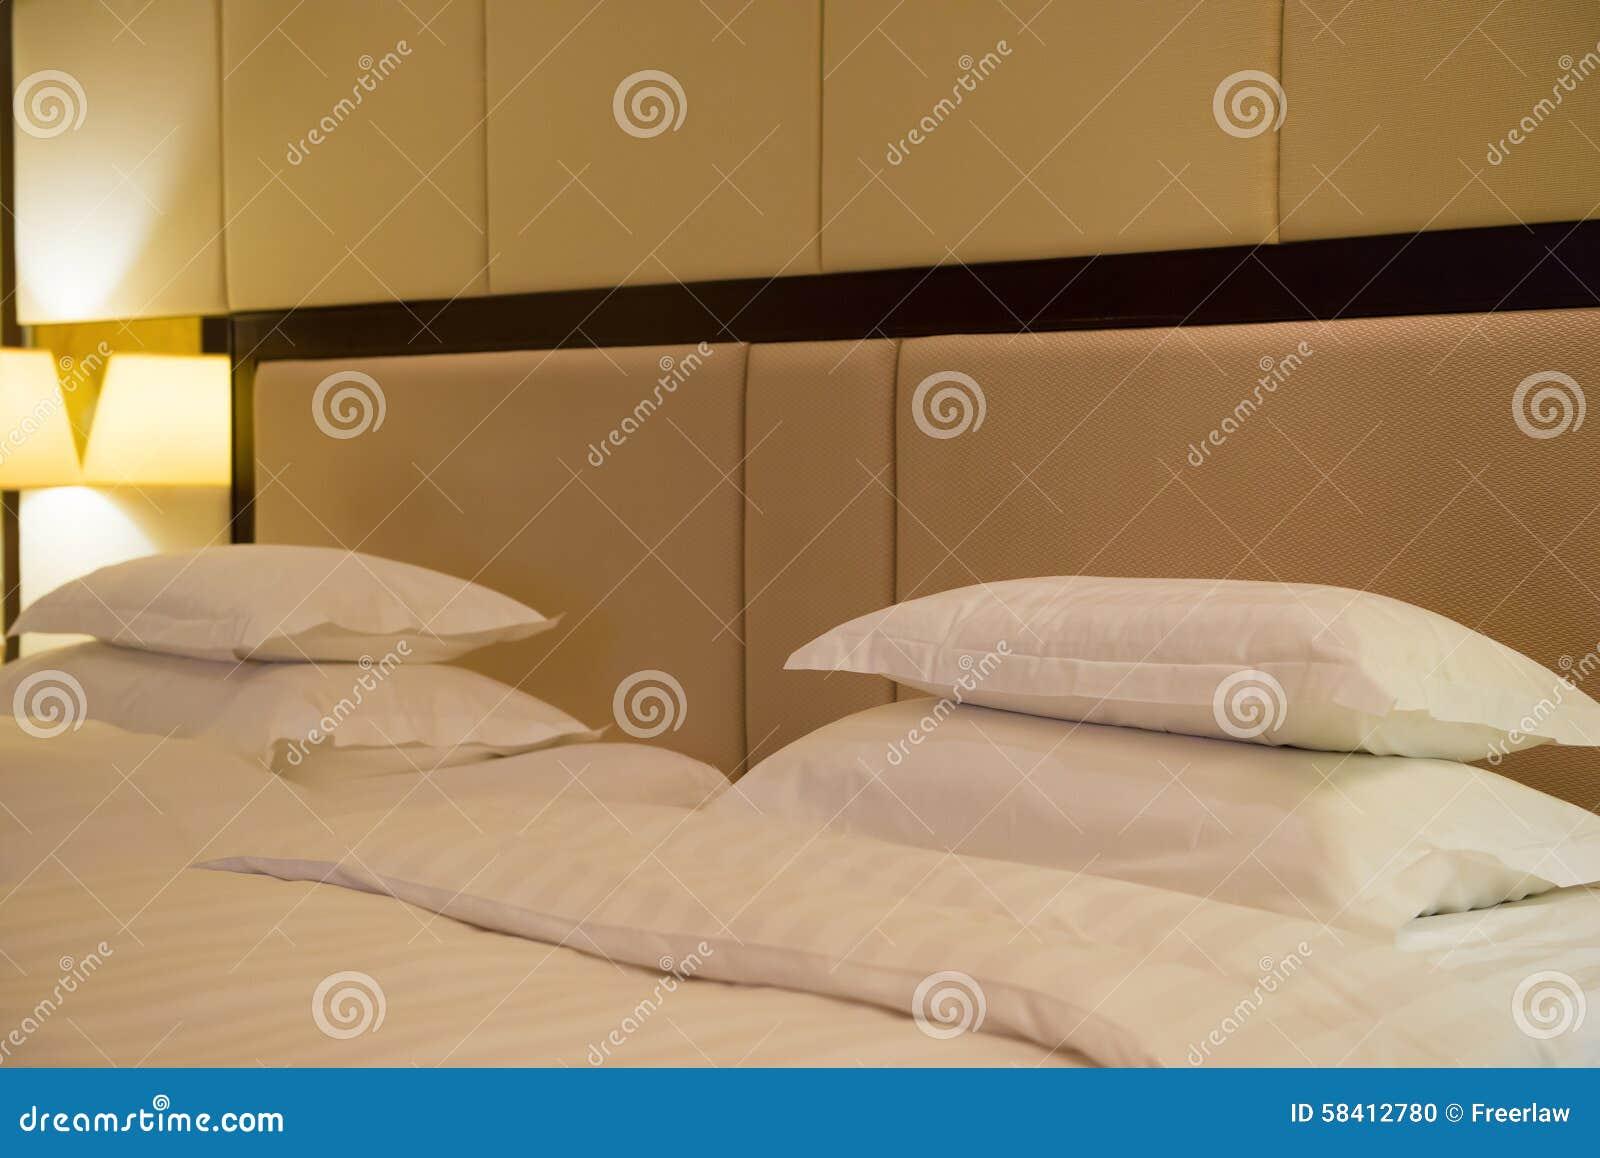 Una vista laterale di due letti nella camera di albergo